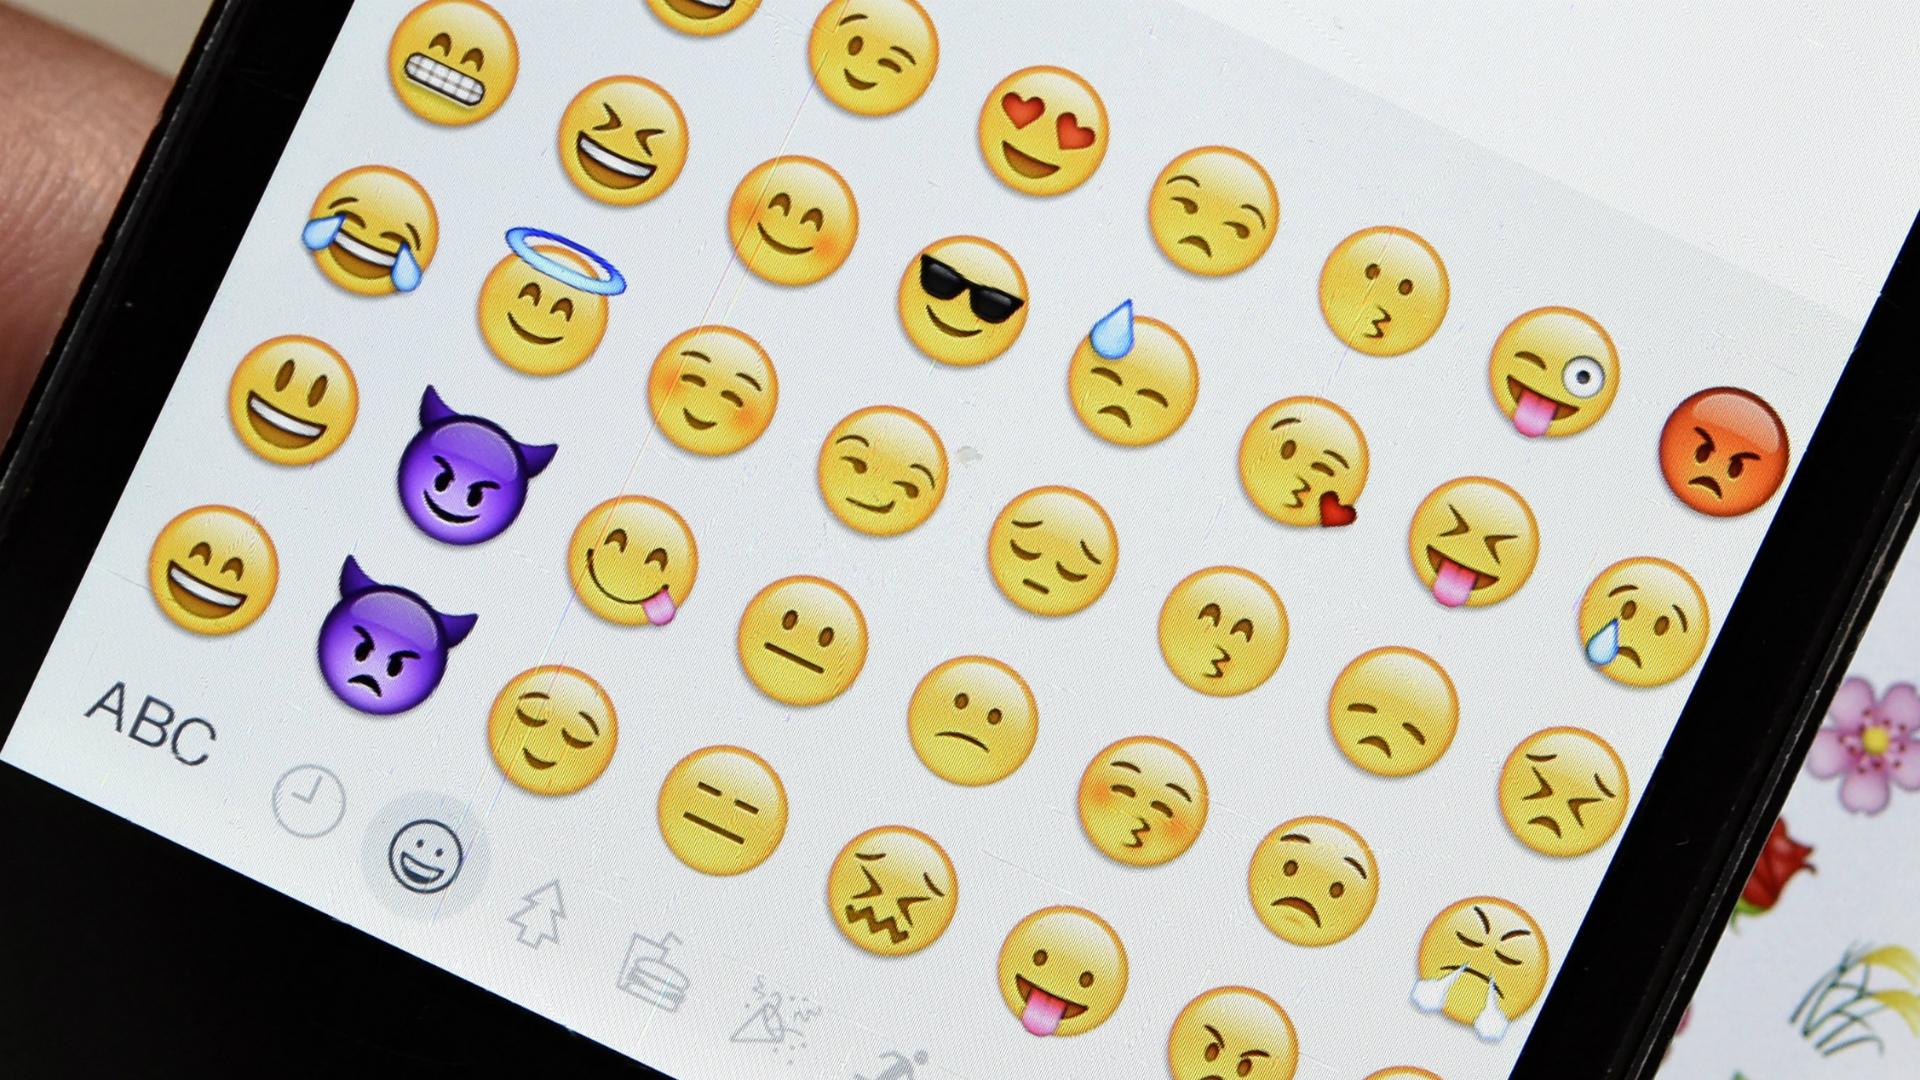 Emoji-phone-22317-usnews-getty-ftr_195pa3dksq9zh1ladoq9a8slfs